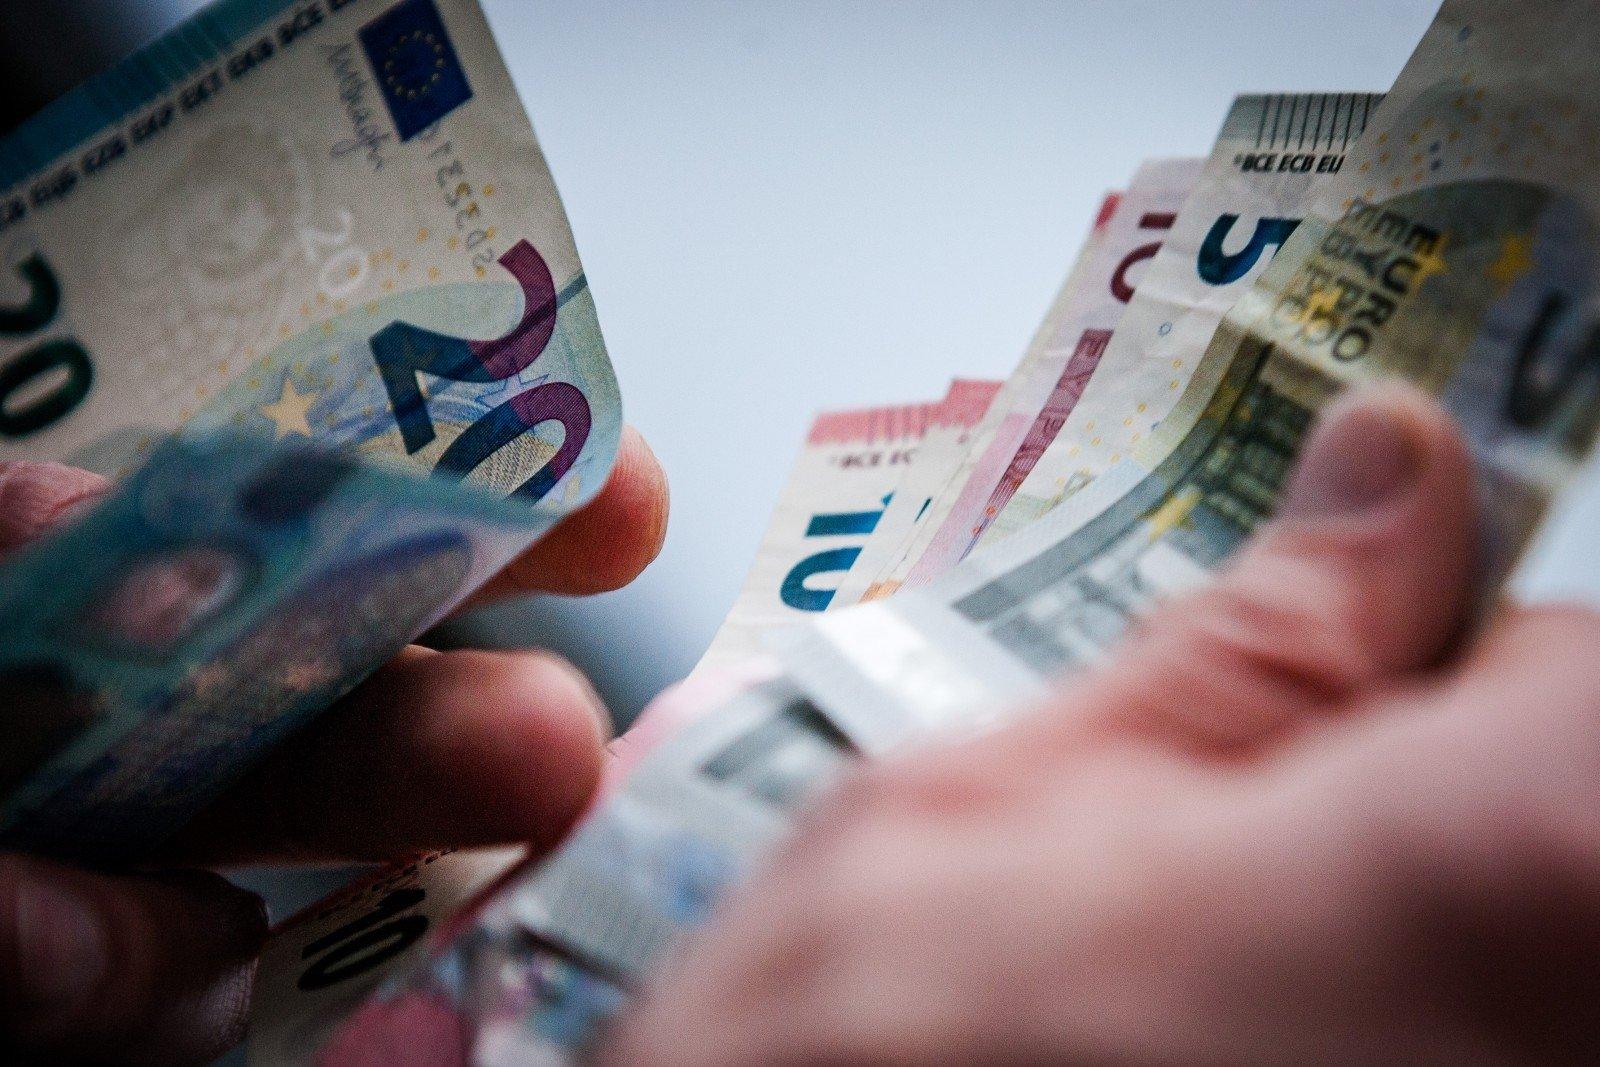 užsidirbti pinigų prieš išleidžiant pinigus)